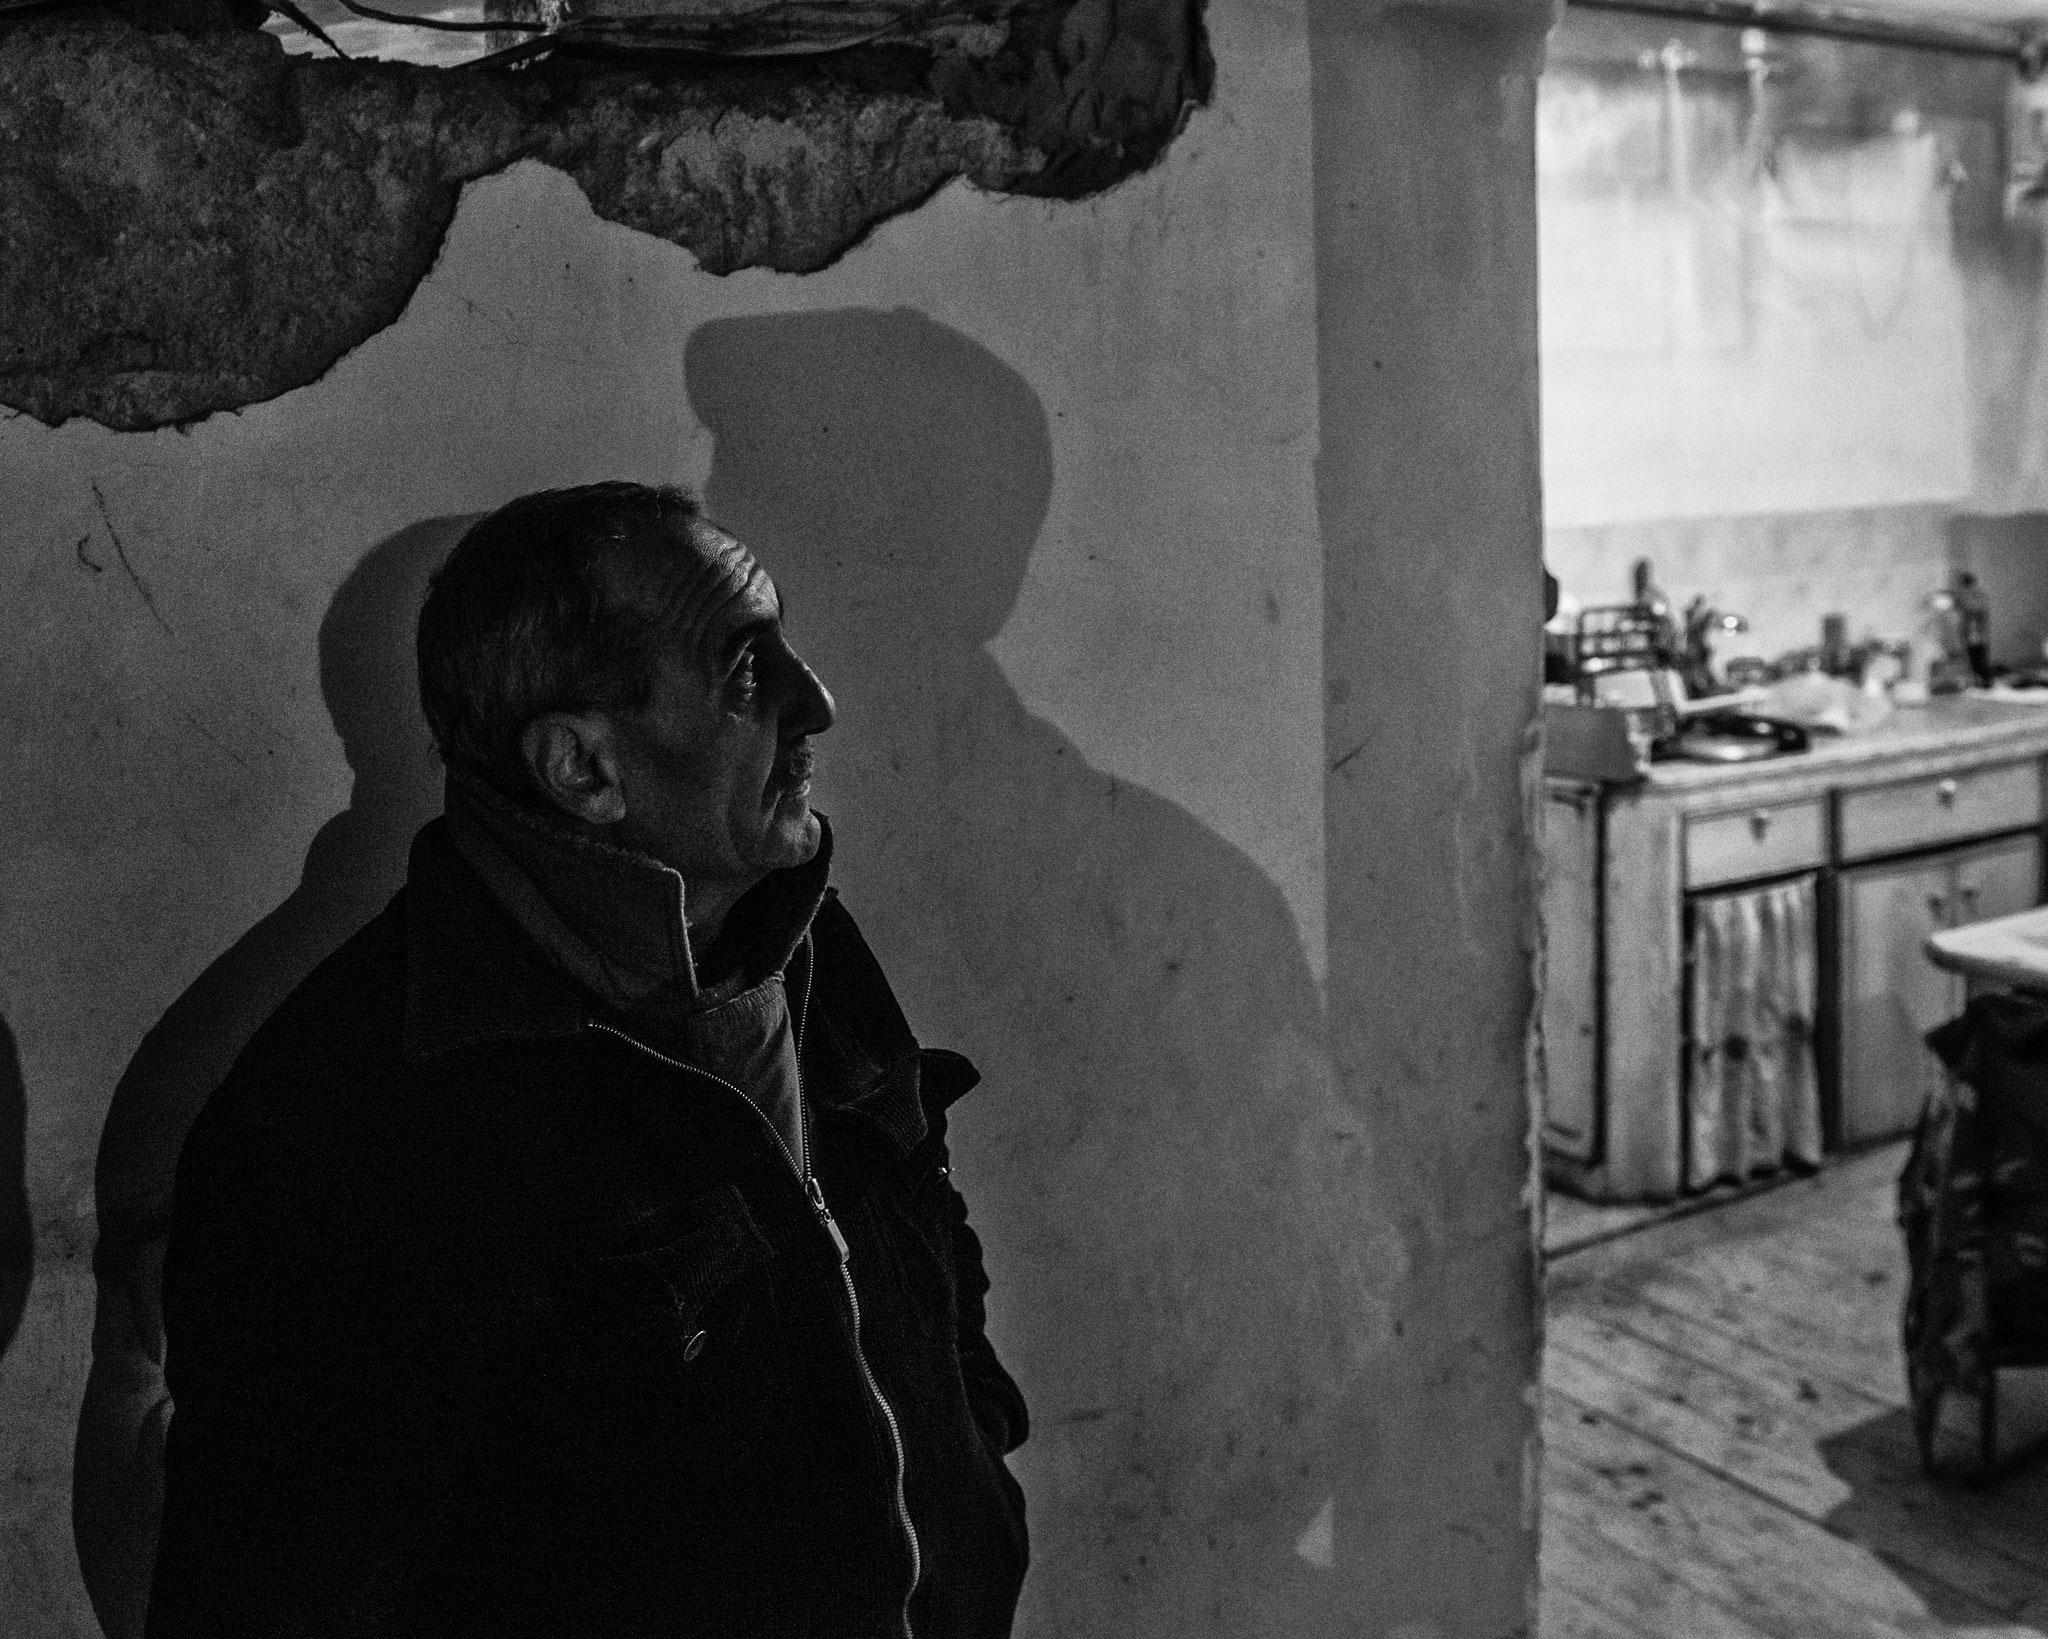 Refugee from AZ; Shushi/Nagorno Karabakh